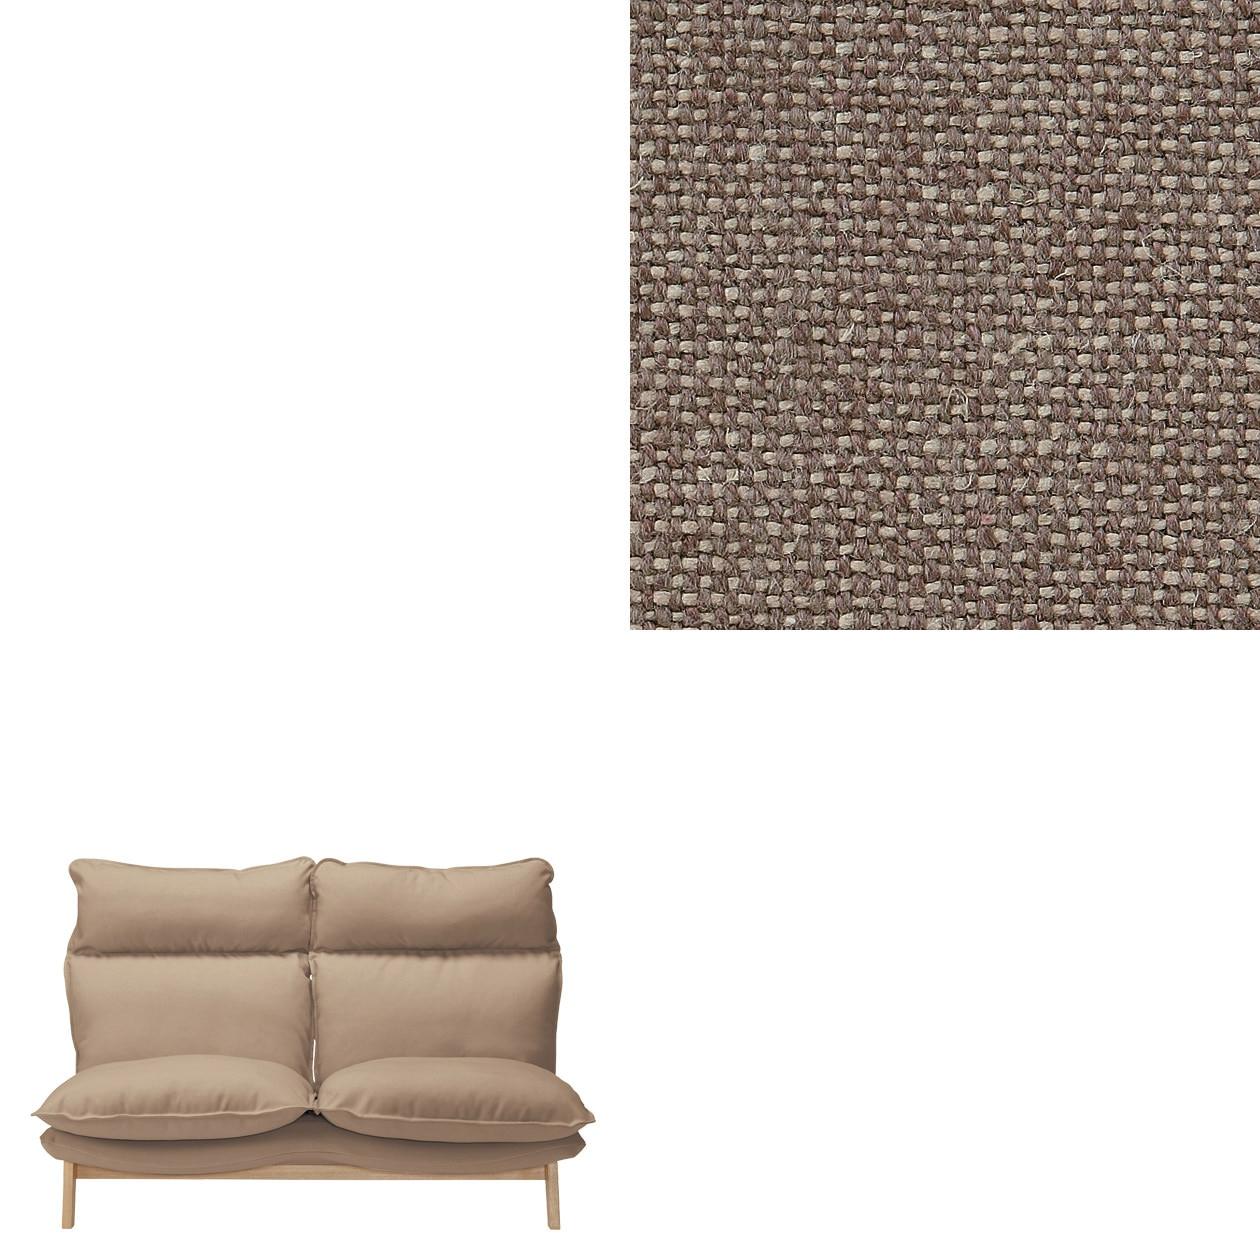 RoomClip商品情報 - 麻綿平織ハイバックリクライニングソファ・2シーター用カバー/ブラウン